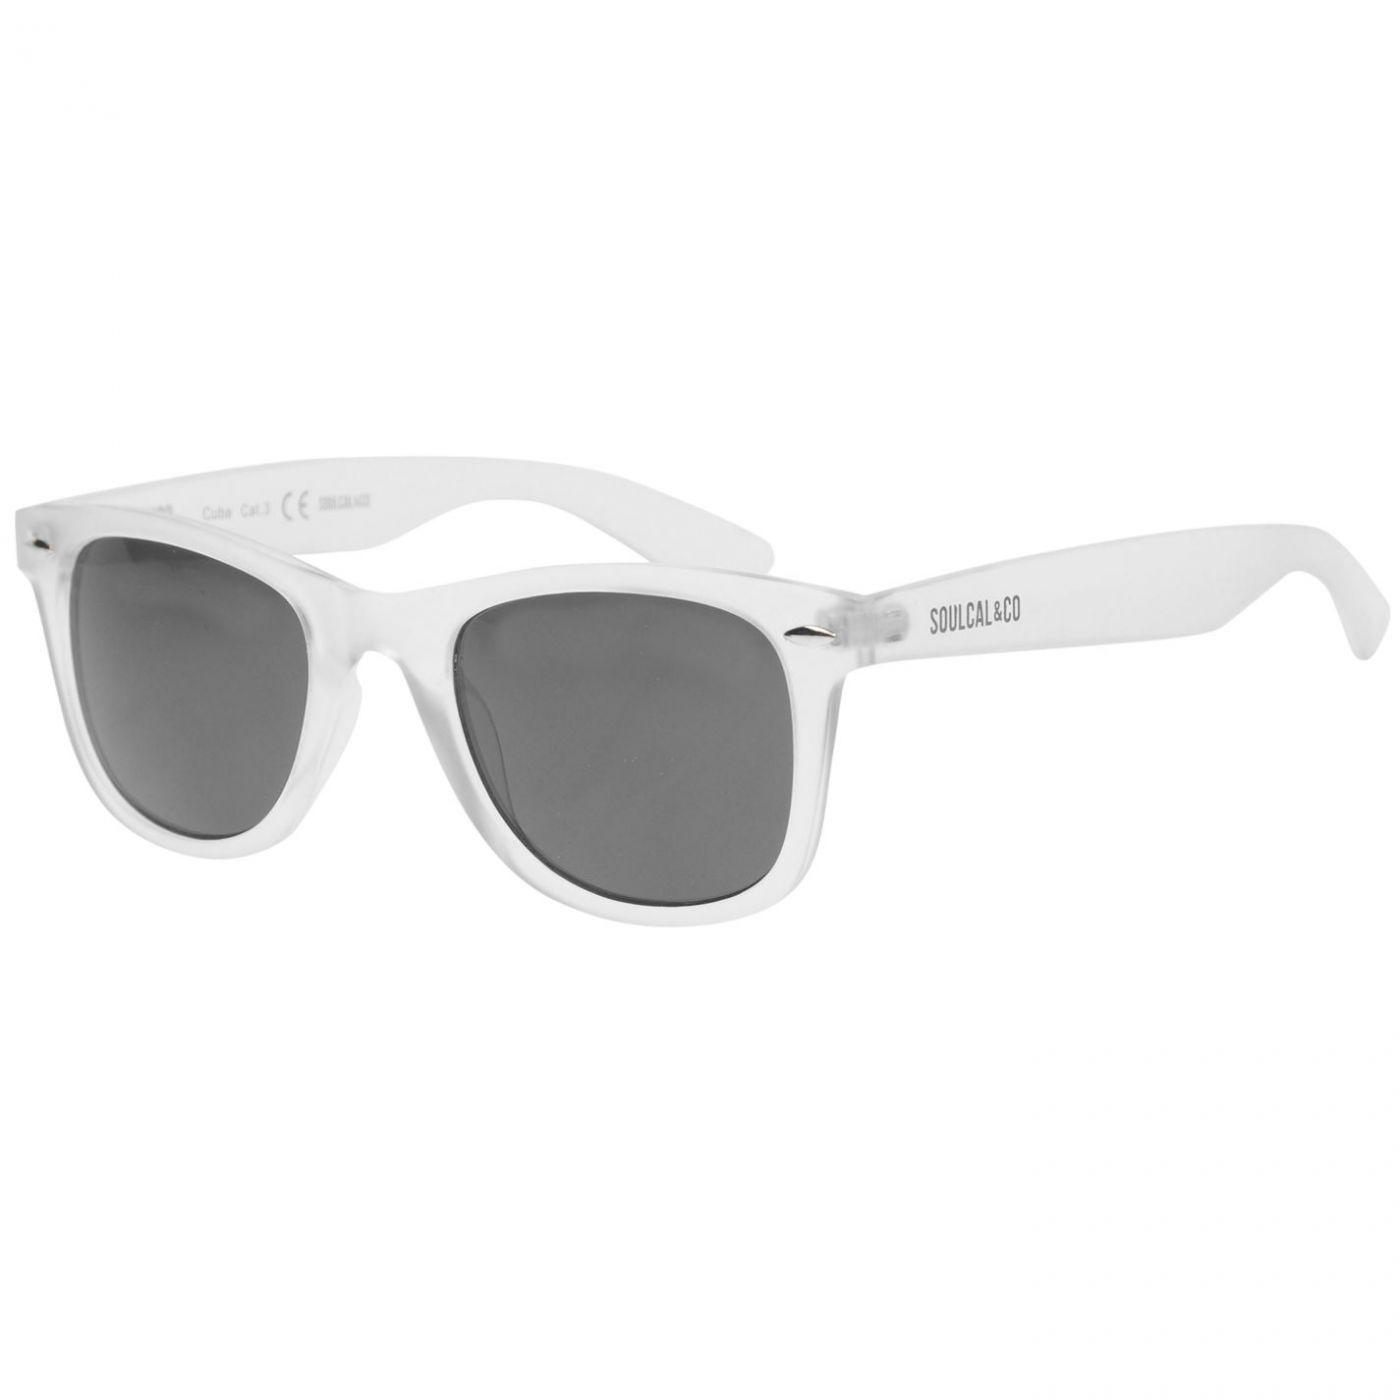 SoulCal Cuba Sunglasses Mens